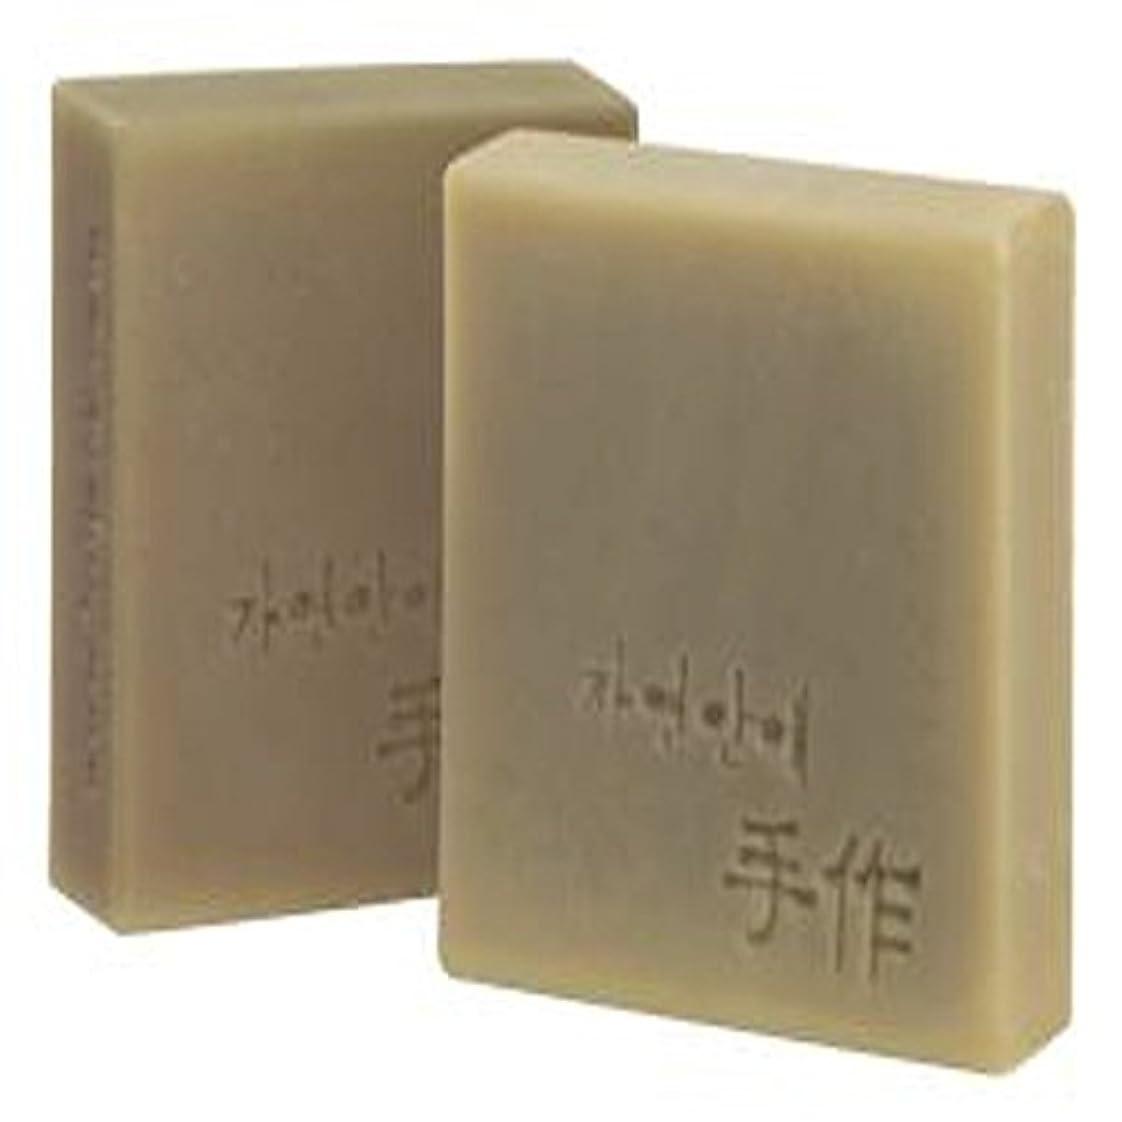 シーケンスたぶんサイレンNatural organic 有機天然ソープ 固形 無添加 洗顔せっけんクレンジング 石鹸 [並行輸入品] (清州)